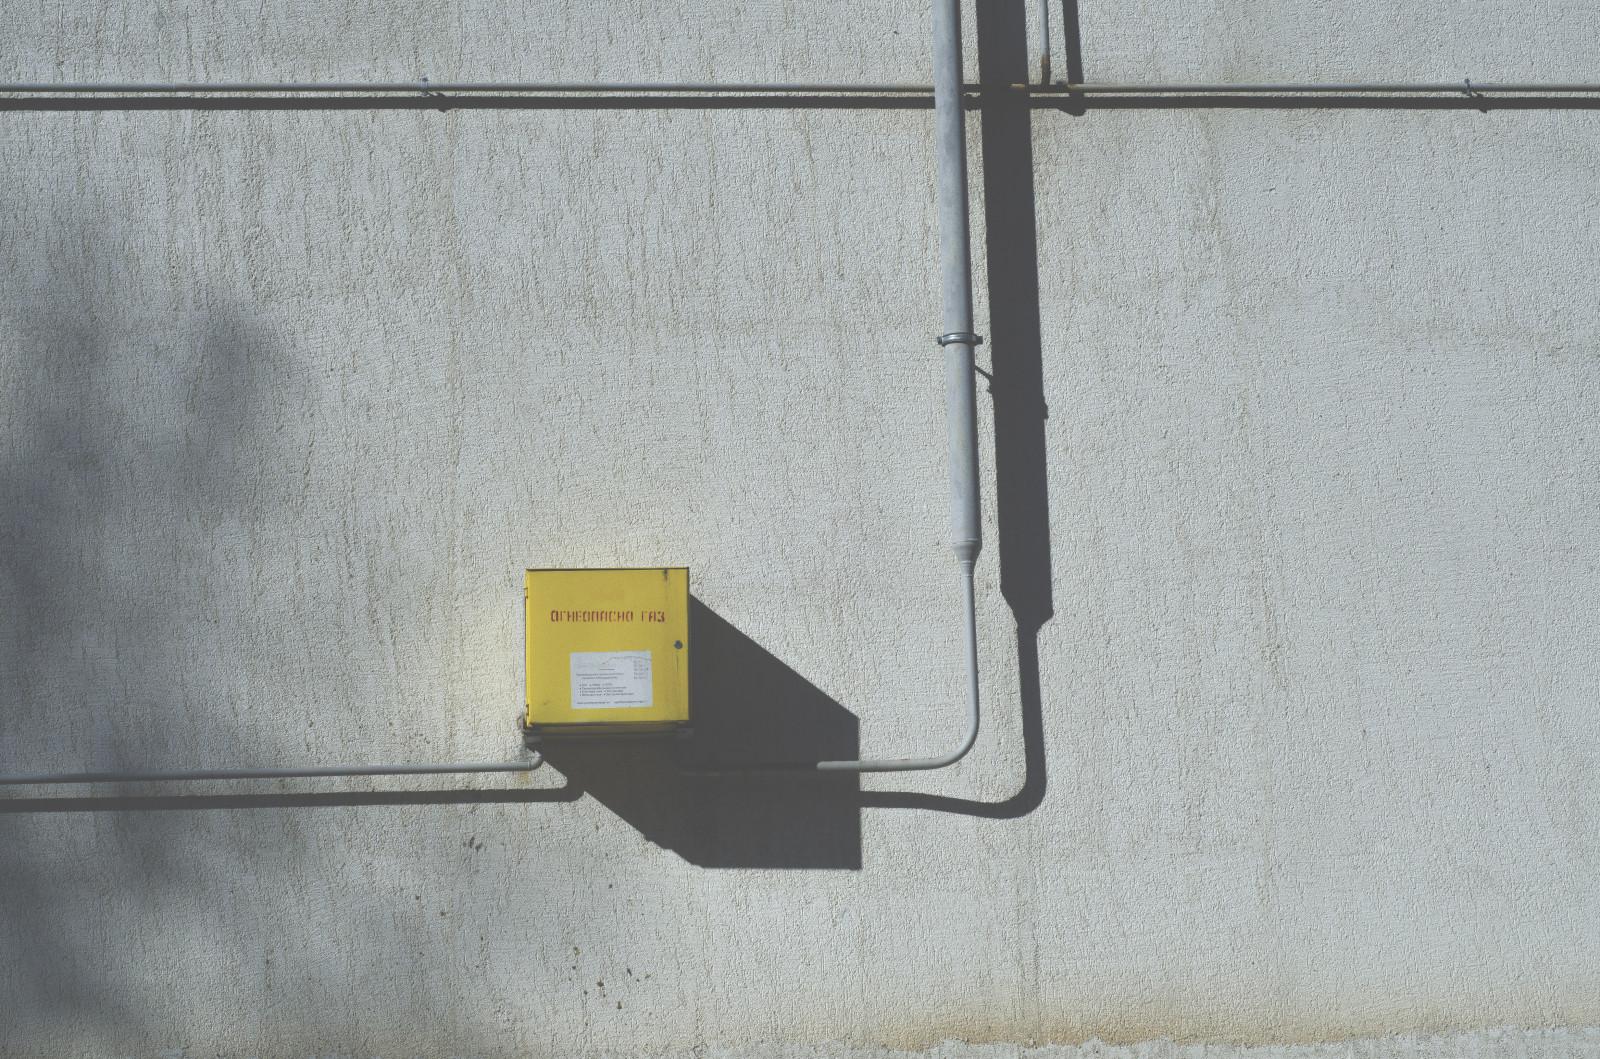 Hintergrundbilder : Landschaft, städtisch, Mauer, Gelb, Geometrie ...